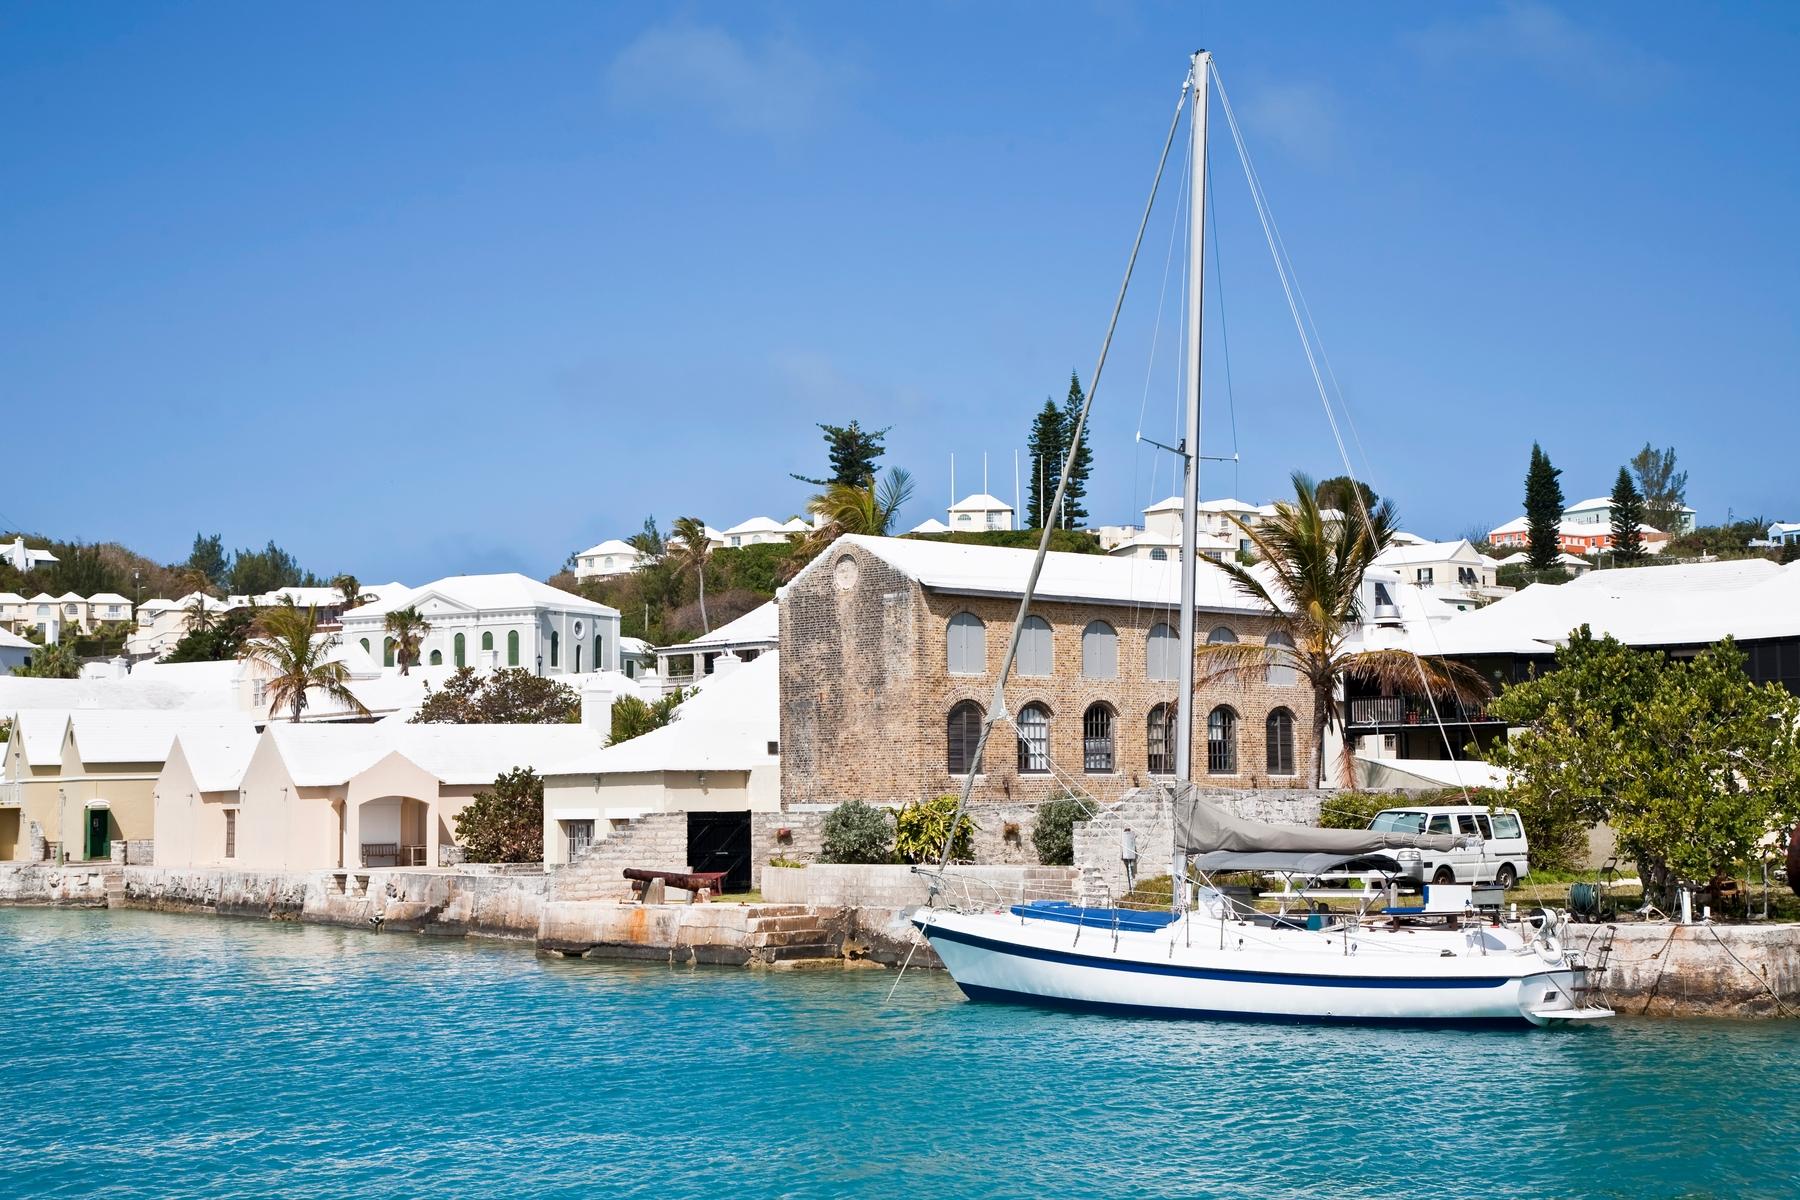 Píer em St. George's, no nordeste da ilha. Bermudas é outra ilha caribenha que abriu as portas para o trabalho remoto.